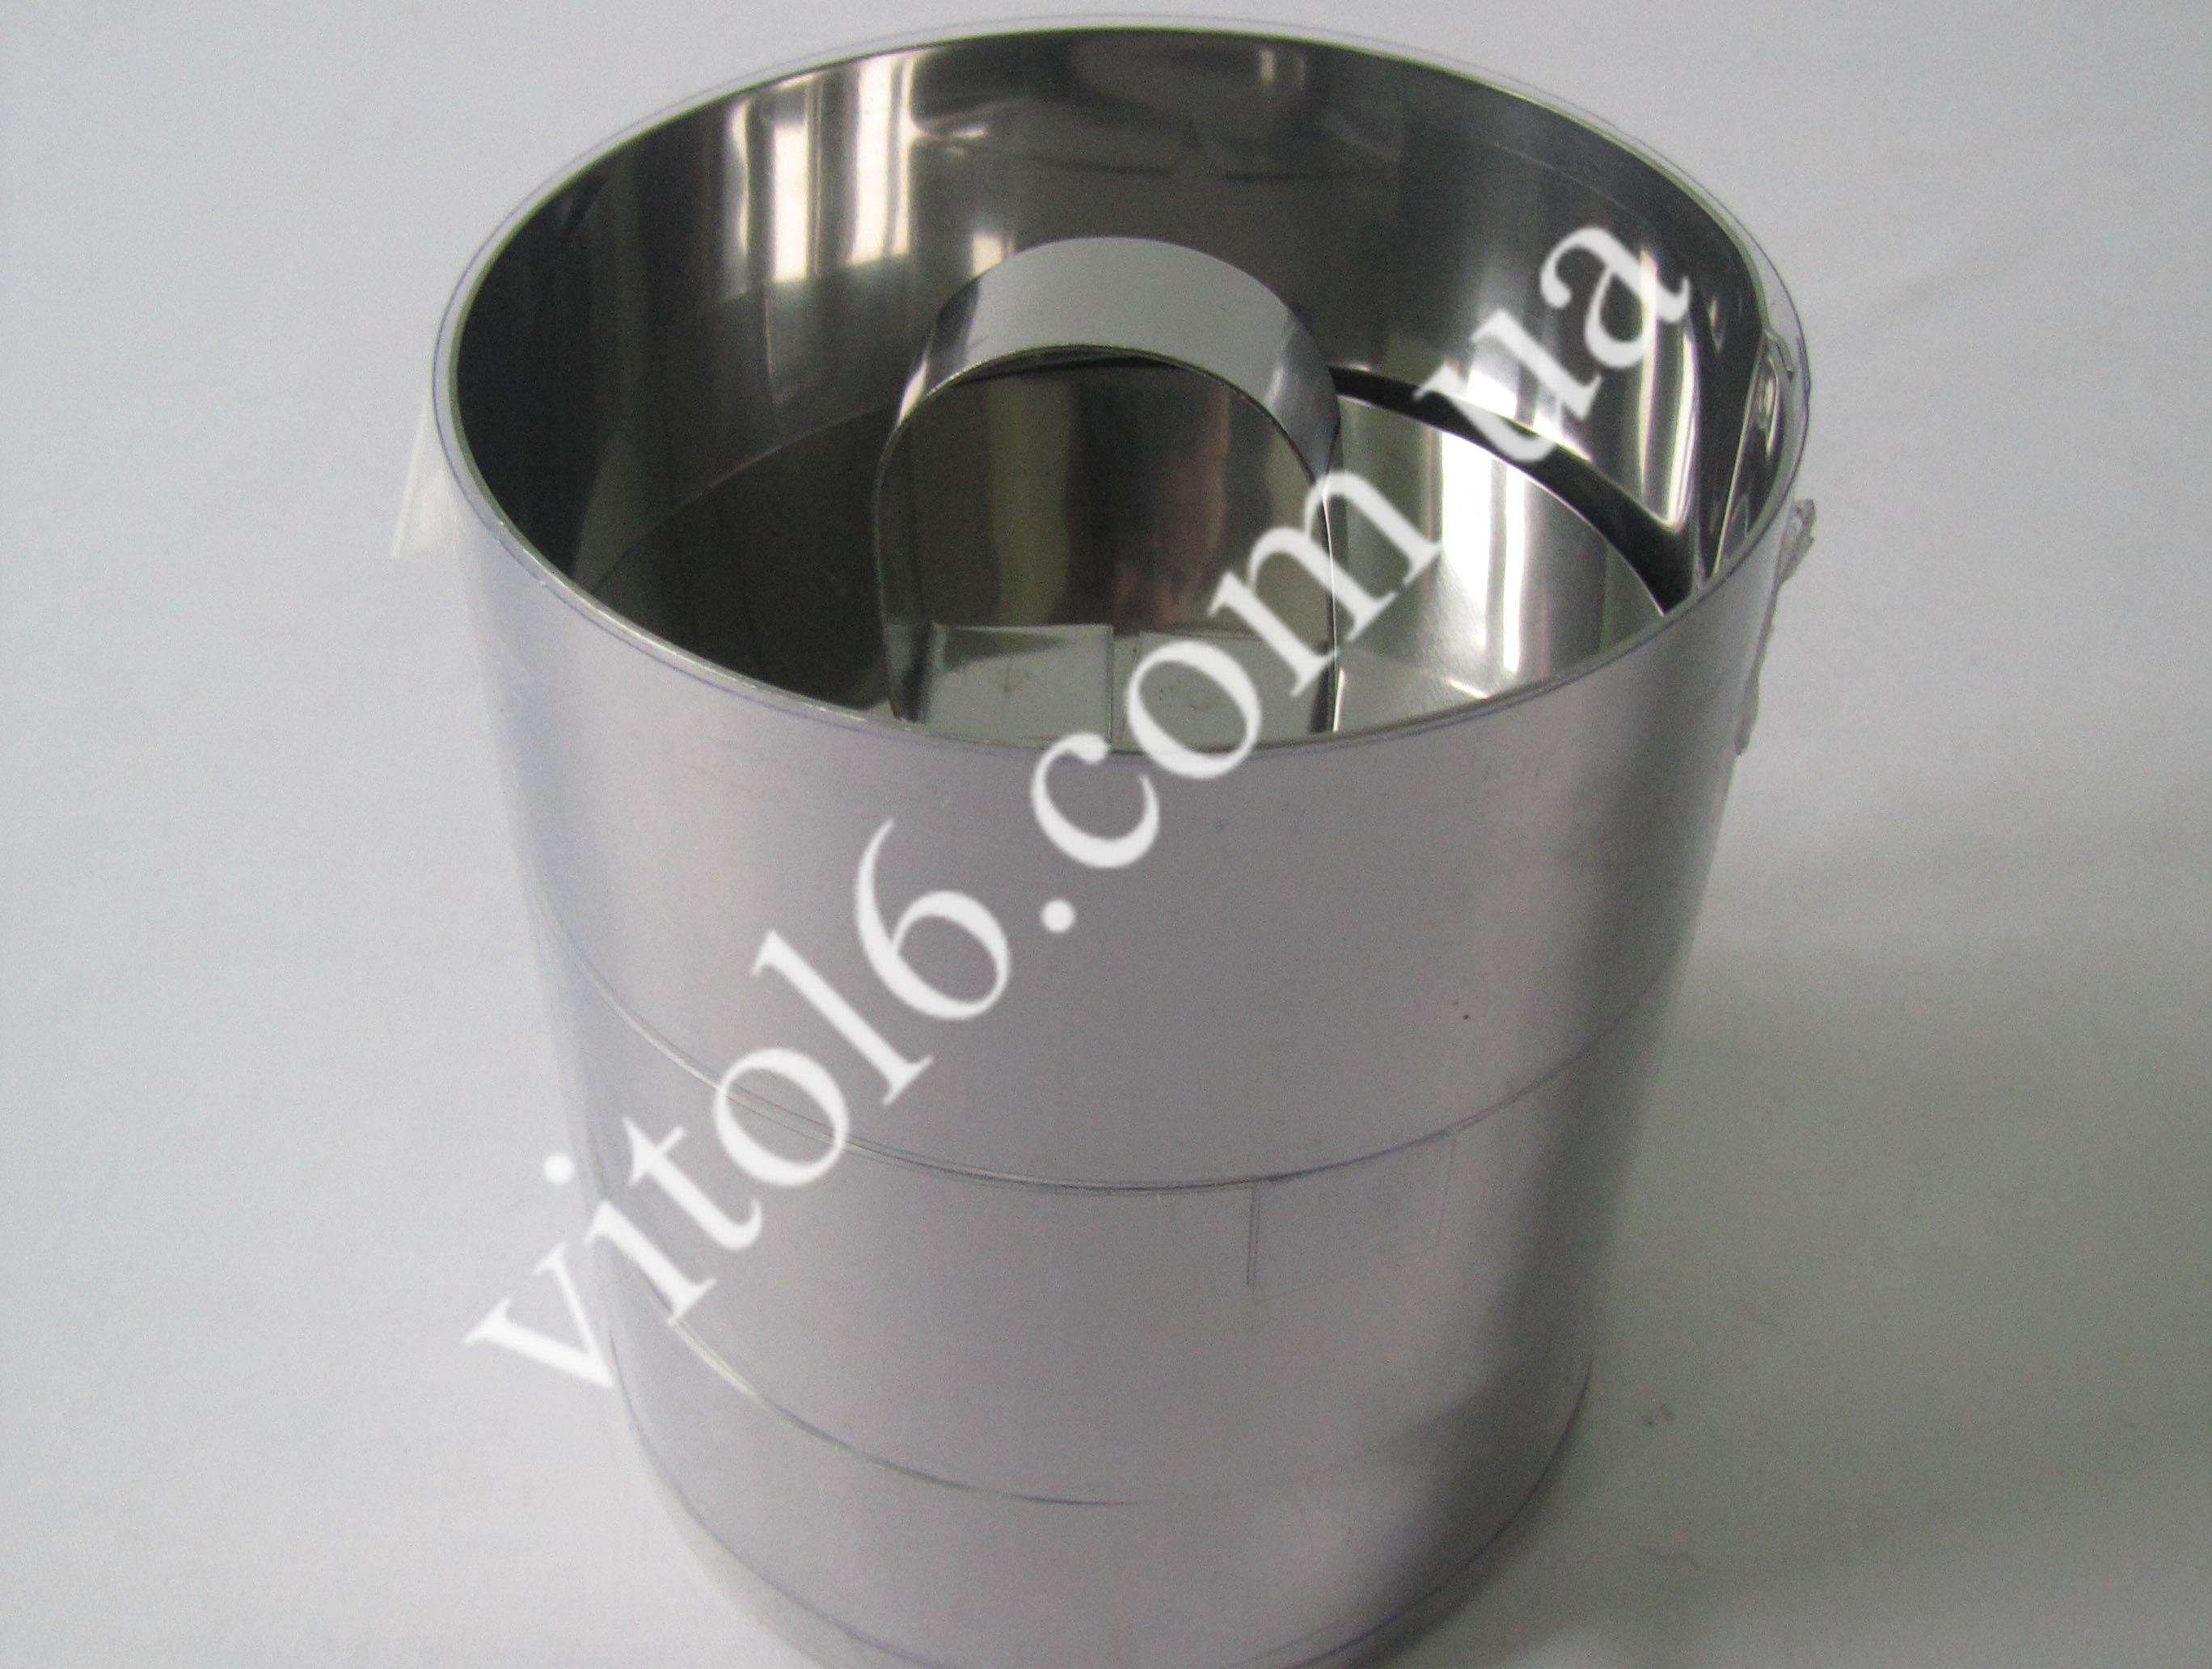 Набір кілець метал для гарніру з 3-х О 10см профессіон.з кришкойVT6-15321 (32шт)